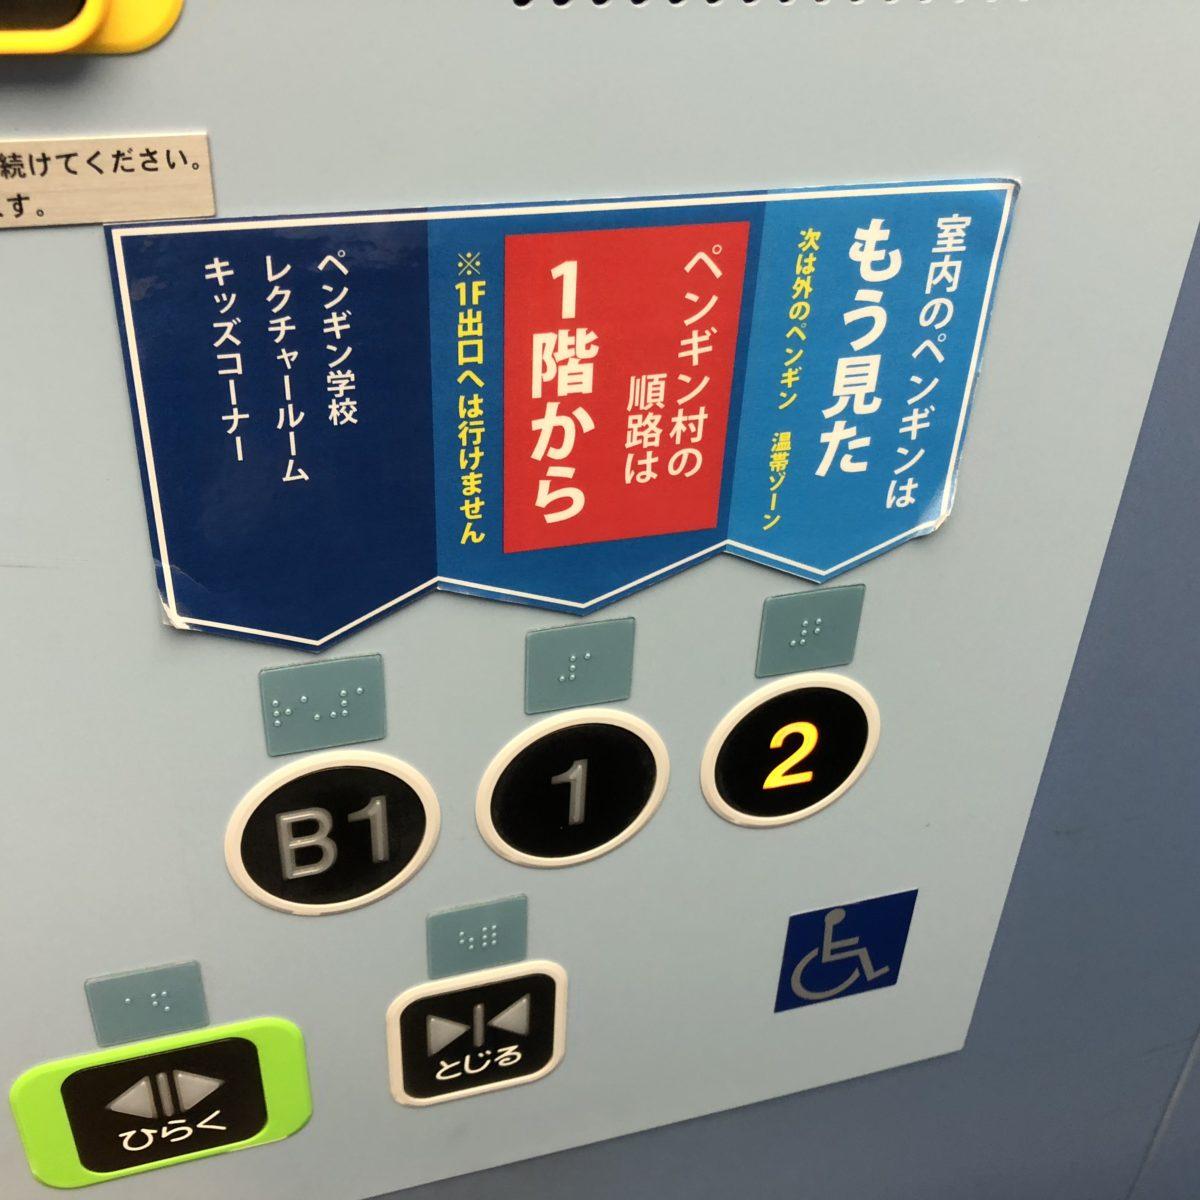 エレベーターの案内